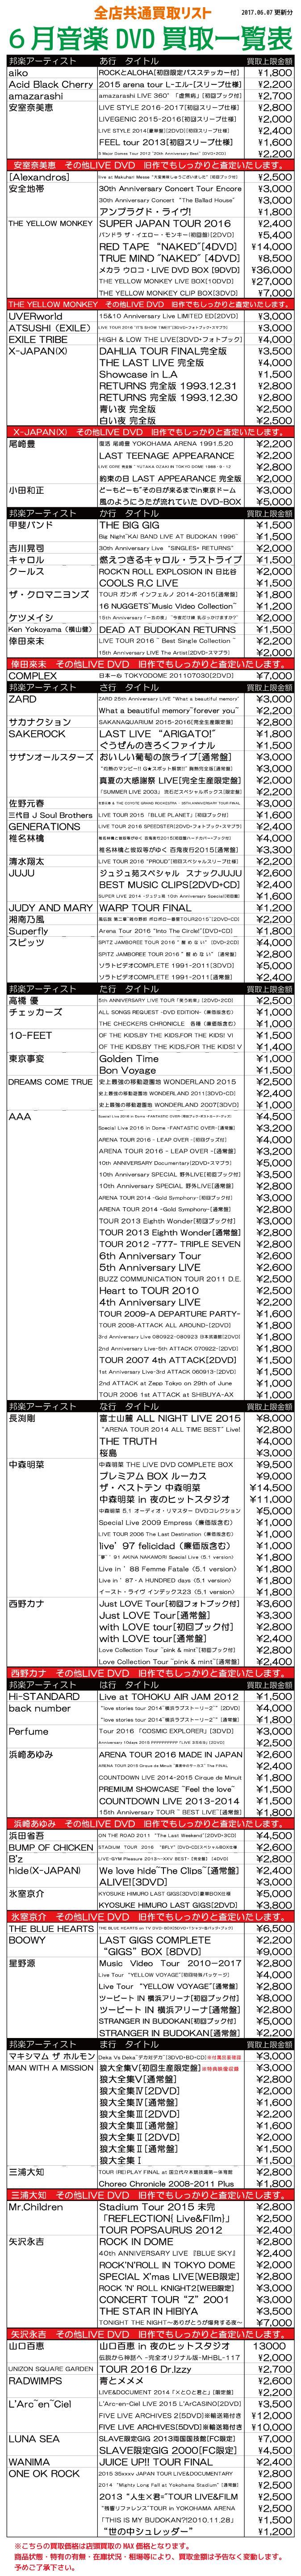 「開放倉庫山城店」2017.6.7更新分/邦楽・音楽DVD買取表!!更新しました!